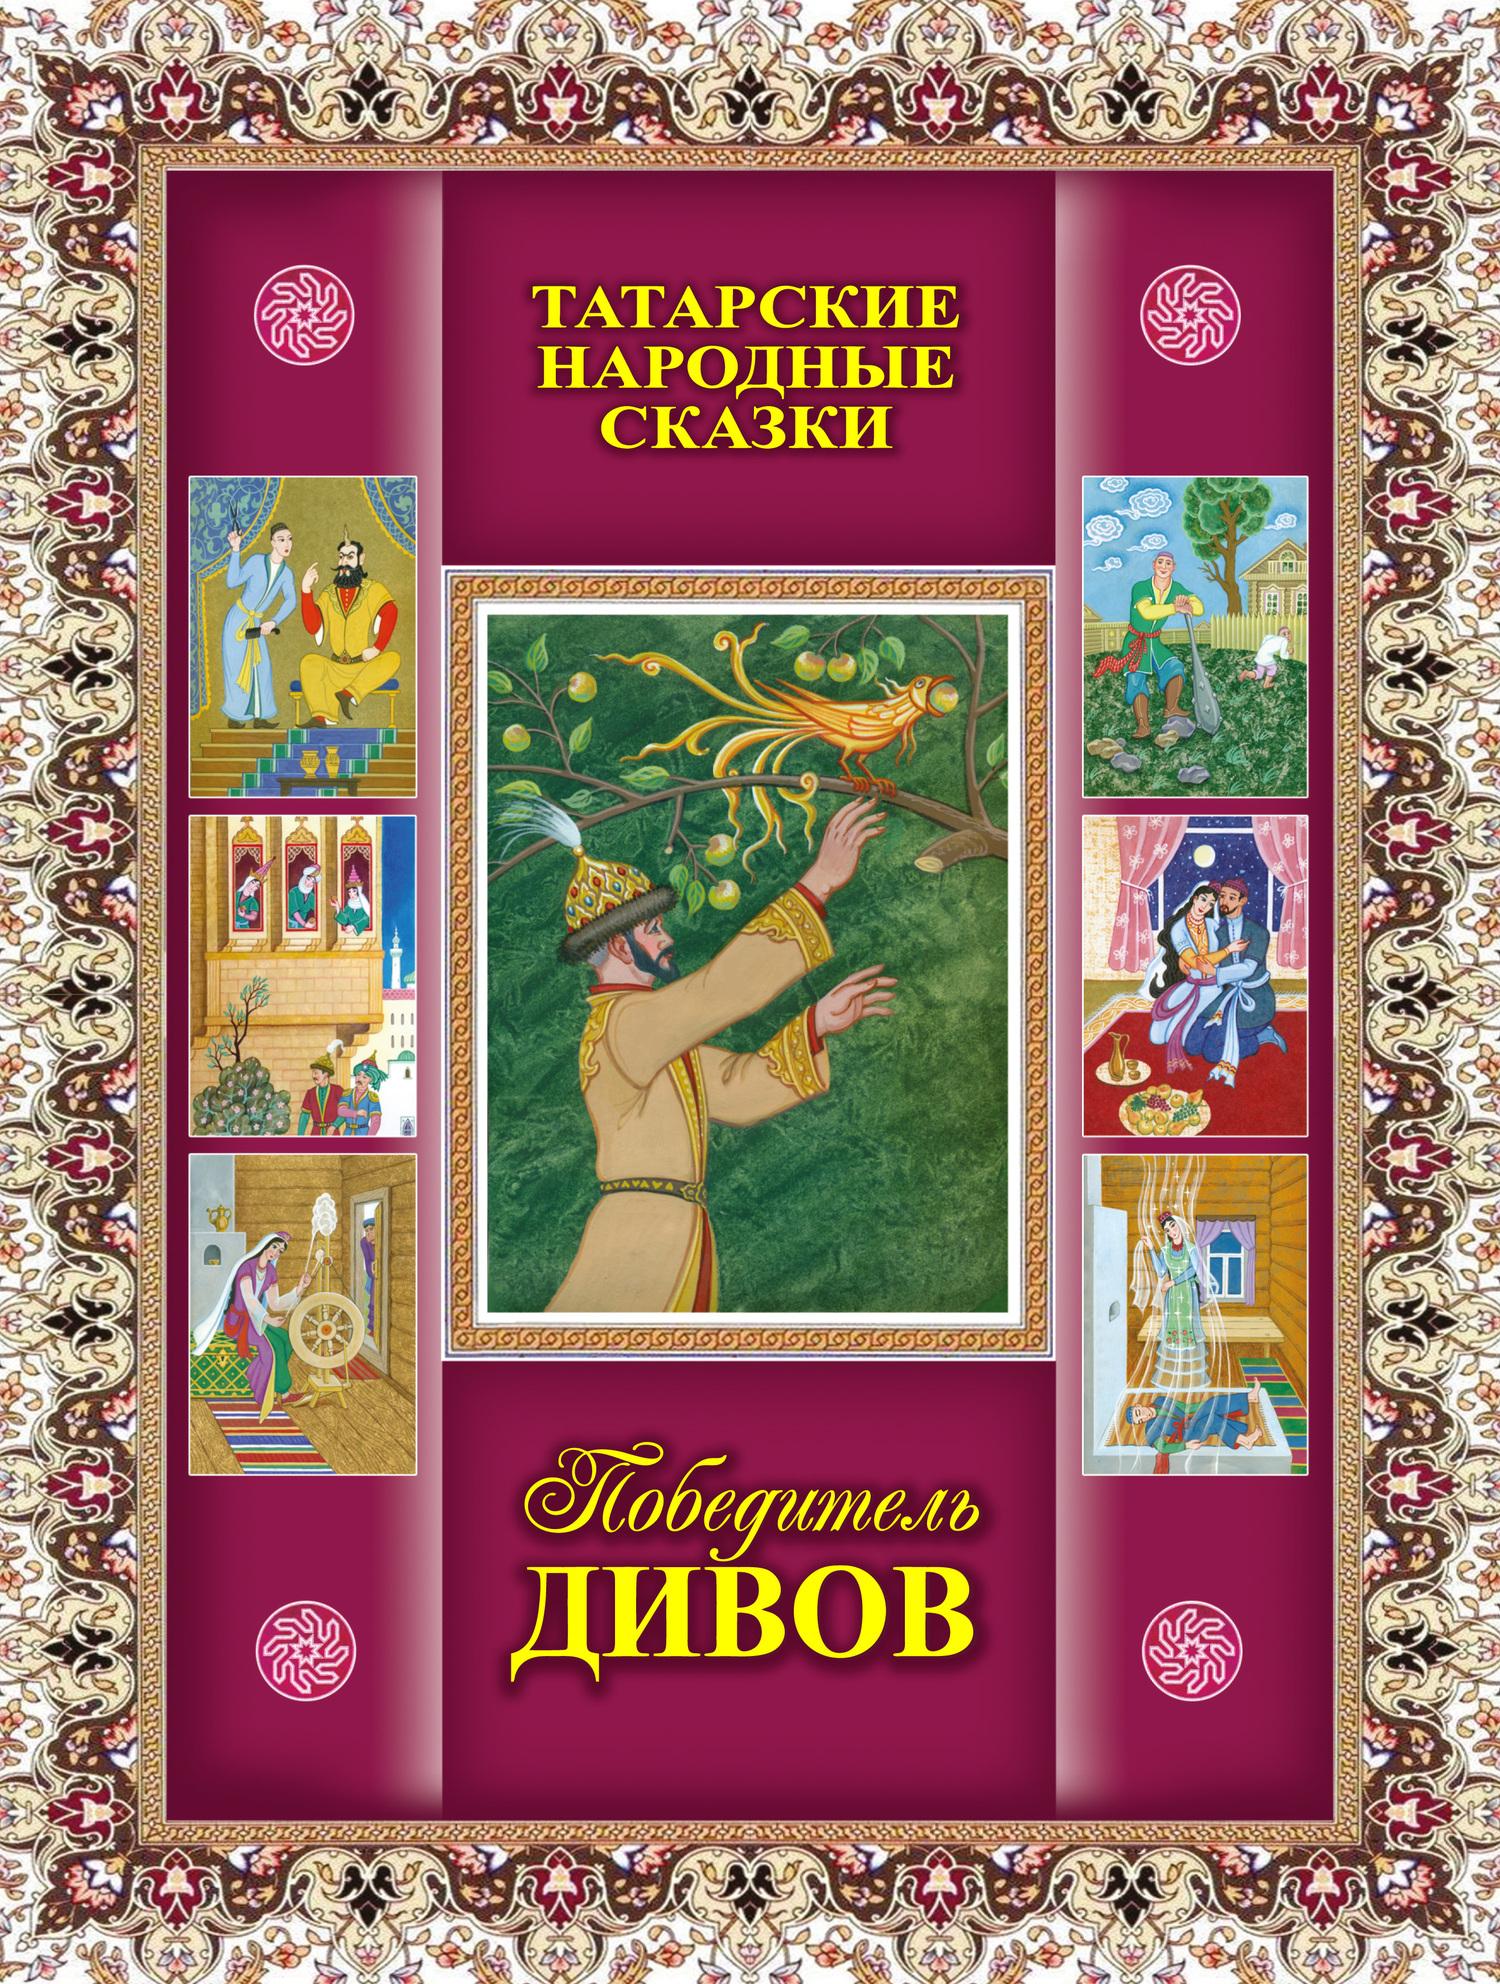 Сборник, Ленар Замалетдинов - Победитель дивов. Татарские народные сказки